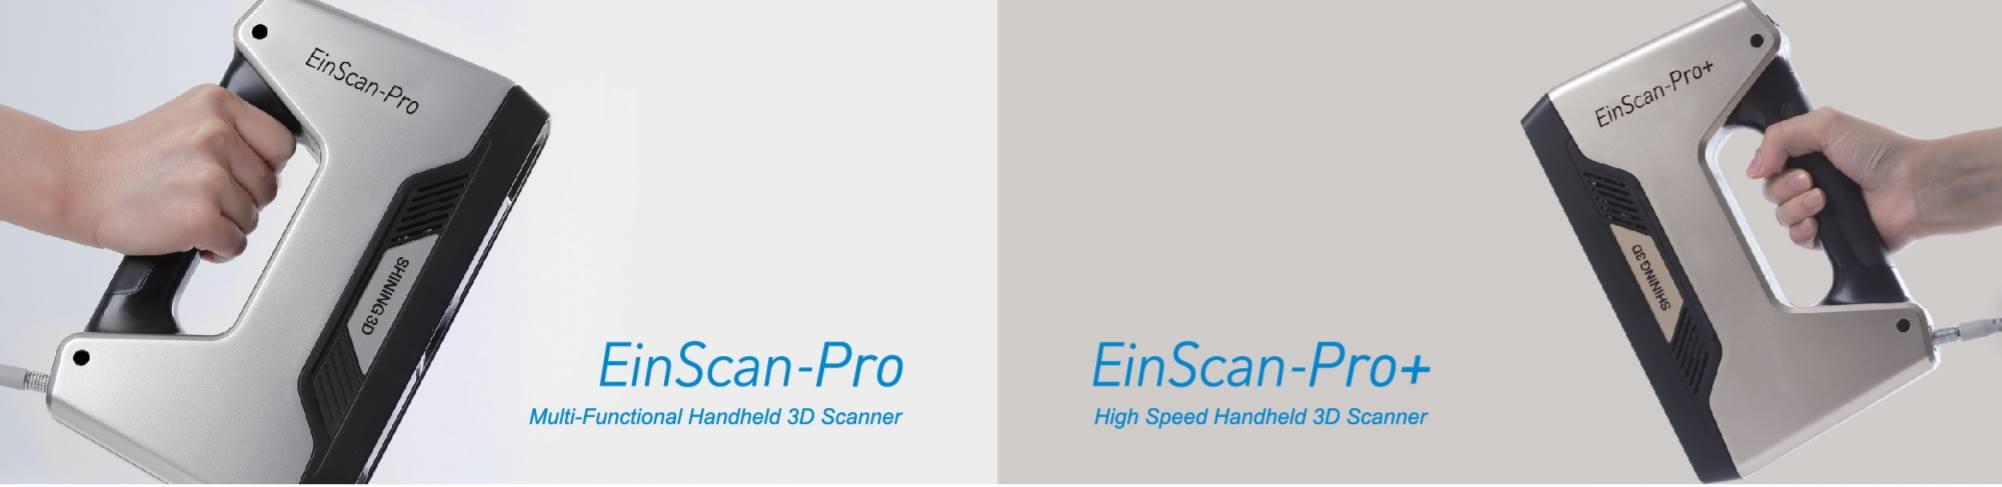 Máy quét 3D giá rẻ - máy quét 3D cầm tay Einscan Seri. Công nghệ scan 3D đa năng mới được ứng dụng một cách triệt để. Giá thành cạnh tranh giúp cho...